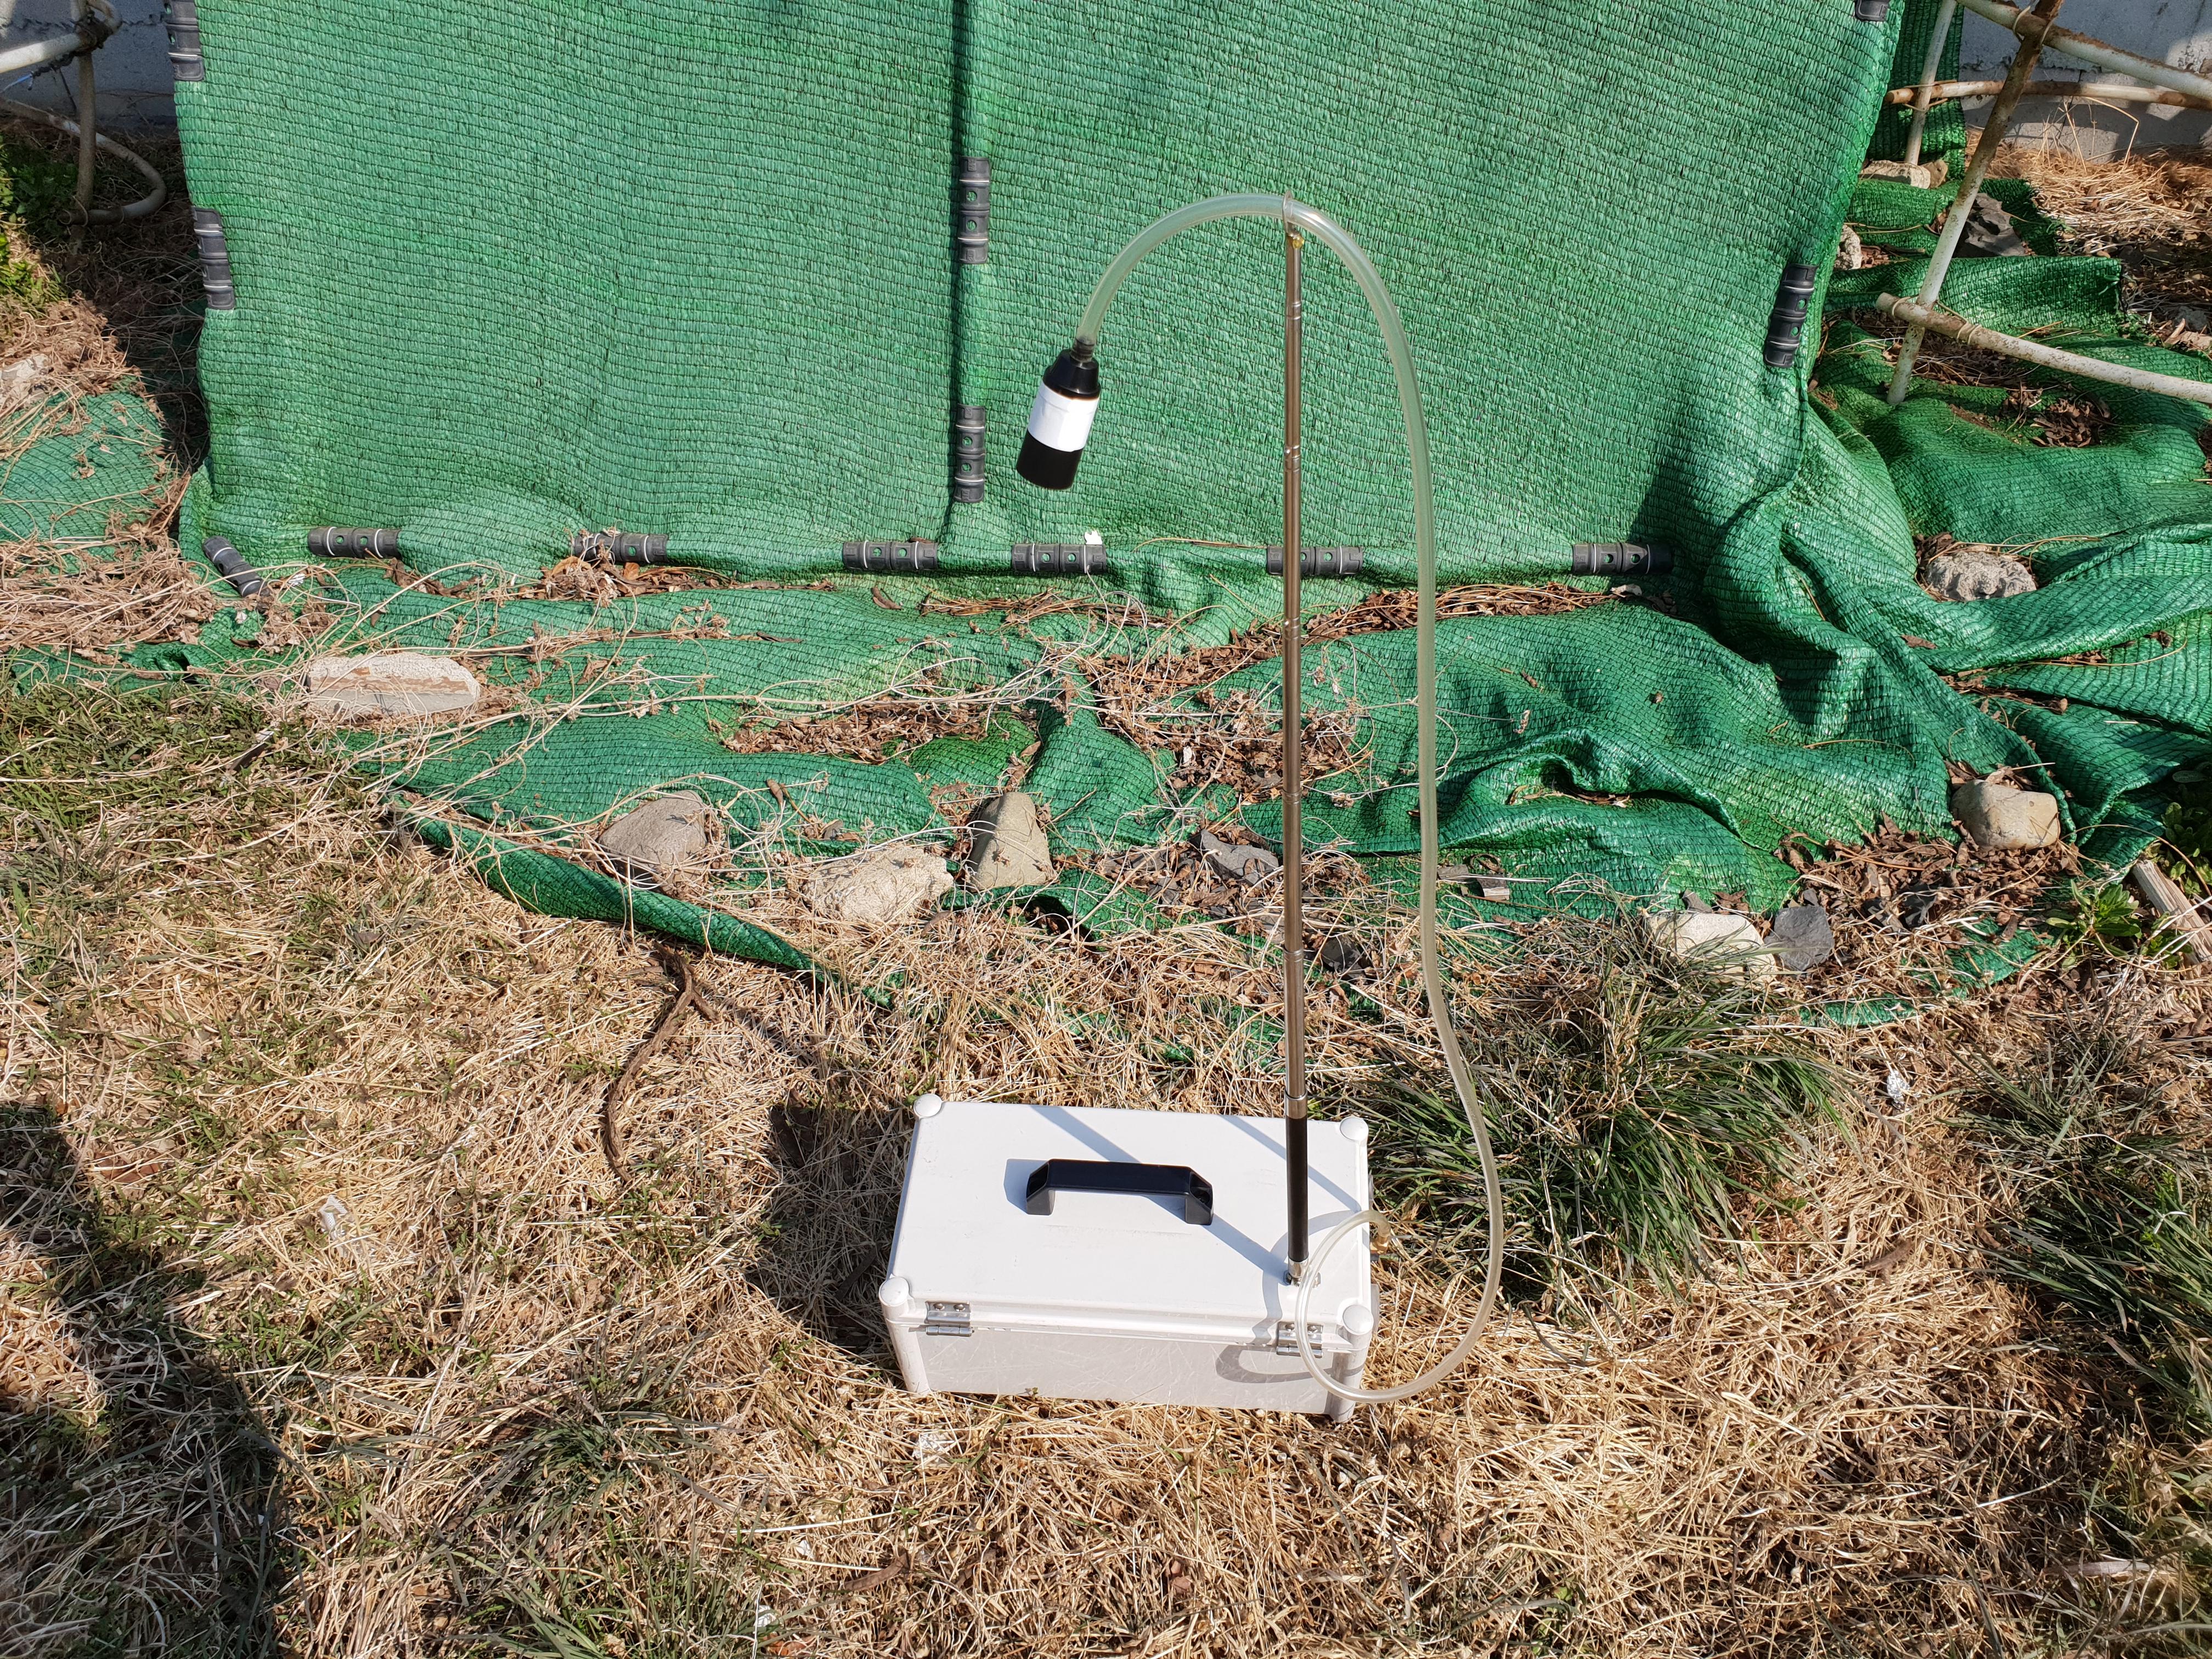 7 번째 사진 대창면 대창리 철거공사 에  연면적1440.99 ㎡ 영천시 대창면 대창리 철거공사에 대한 석면공기질측정